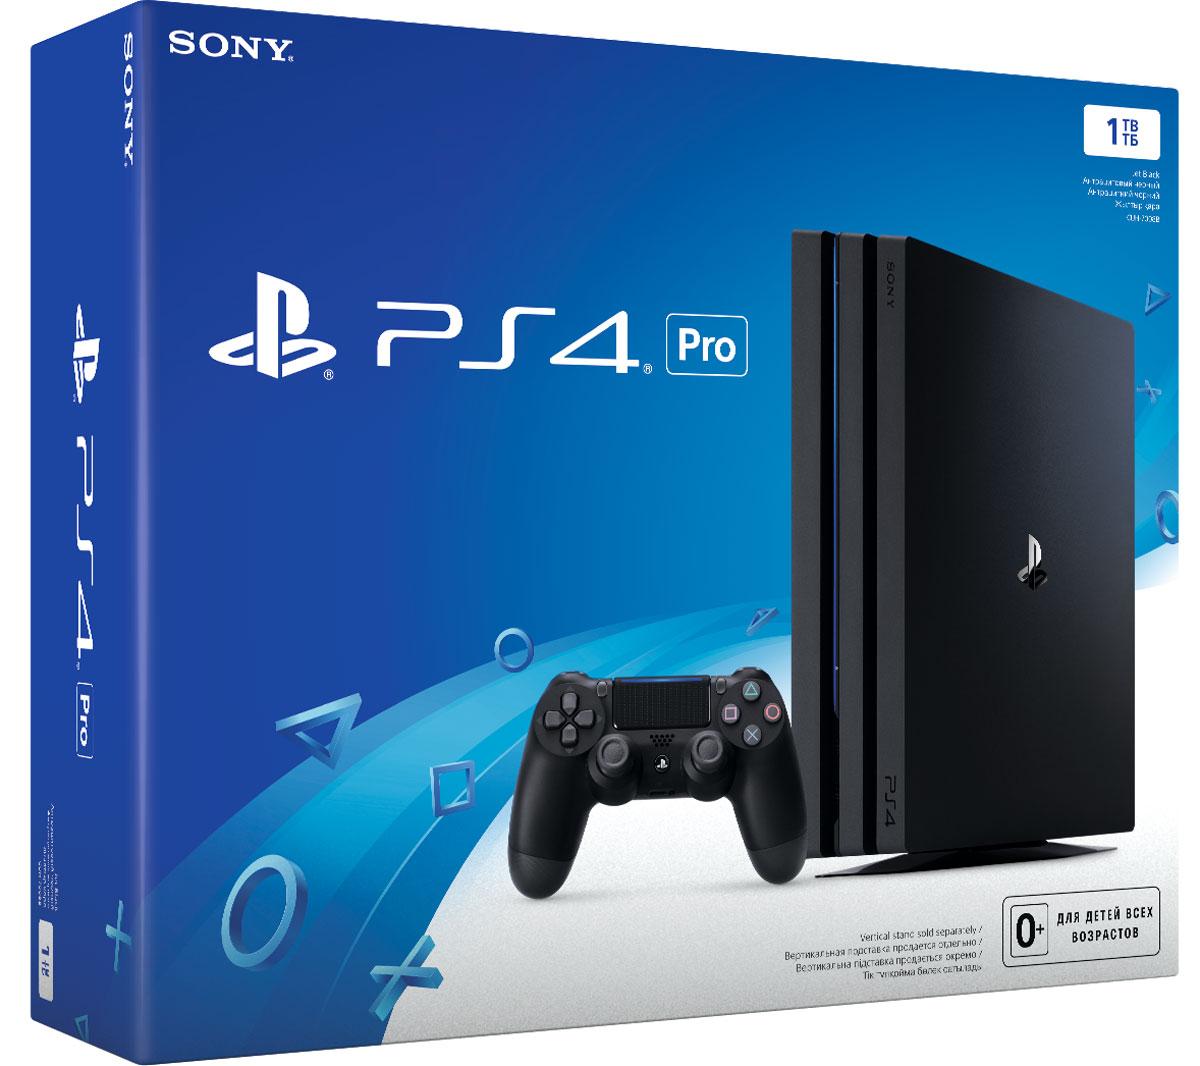 Игровая приставка Sony PlayStation 4 Pro (1 TB), Black (CUH-7008B)1CSC20002462Благодаря повышенной производительности центрального и графического процессоров, PS4 Pro позволяет добиться в играх графики со значительно большим числом деталей и беспрецедентной четкостью изображения. Пользователи с 4К телевизорами смогут насладиться всеми играми на PS4 в улучшенном качестве с разрешением 4К и более высокой и стабильной частотой кадров. Кроме того, PS4 Pro поддерживает воспроизведение 4К видео, что позволяет пользоваться 4К стриминговыми сервисами, в том числе Netflix и YouTube.Владельцы HDTV также смогут испытать новый игровой опыт от PS4 Pro, ведь система позволяет запускать все игры PS4 в разрешении 1080p, а также повысить частоту кадров и ее стабильность для некоторых поддерживаемых игр.Кроме того, заглядывая в будущее визуальных технологий, все системы PS4, включая PS4 Pro, будут поддерживать технологию HDR, что позволит воспроизводить светлые и темные сцены с помощью гораздо большего количества цветов. Пользователи, обладающие совместимыми с HDR телевизорами, также смогут насладиться поддерживаемыми играми и другим развлекательным контентом с более реалистичной, поразительно яркой картинкой, соответствующей тому, как видит человеческий глаз в реальном мире.Форма новой системы наследует скошенный дизайн корпуса от предыдущих моделей. Конструкция корпуса состоит из трех слоев блоков, символизирующих мощь PS4 Pro и надежность. Глянцевый логотип семейства PlayStation красуется по центру верхней панели. PS4 Pro также снабжена портом USB сзади, в дополнение к двум USB спереди, чтобы подключать дополнительные устройства, например, систему виртуальной реальности PlayStation VR.Все игры PS4, включая как уже доступные, так и те, что появятся в будущем, будут запускаться на всех PS4, в том числе и на PS4 Pro. Кроме того, все системы PS4 используют тот же пользовательский интерфейс и онлайн-сообщества для мультиплеерных игр и сетевых сервисов.Игра FIFA 17 теперь и в 4k разреше